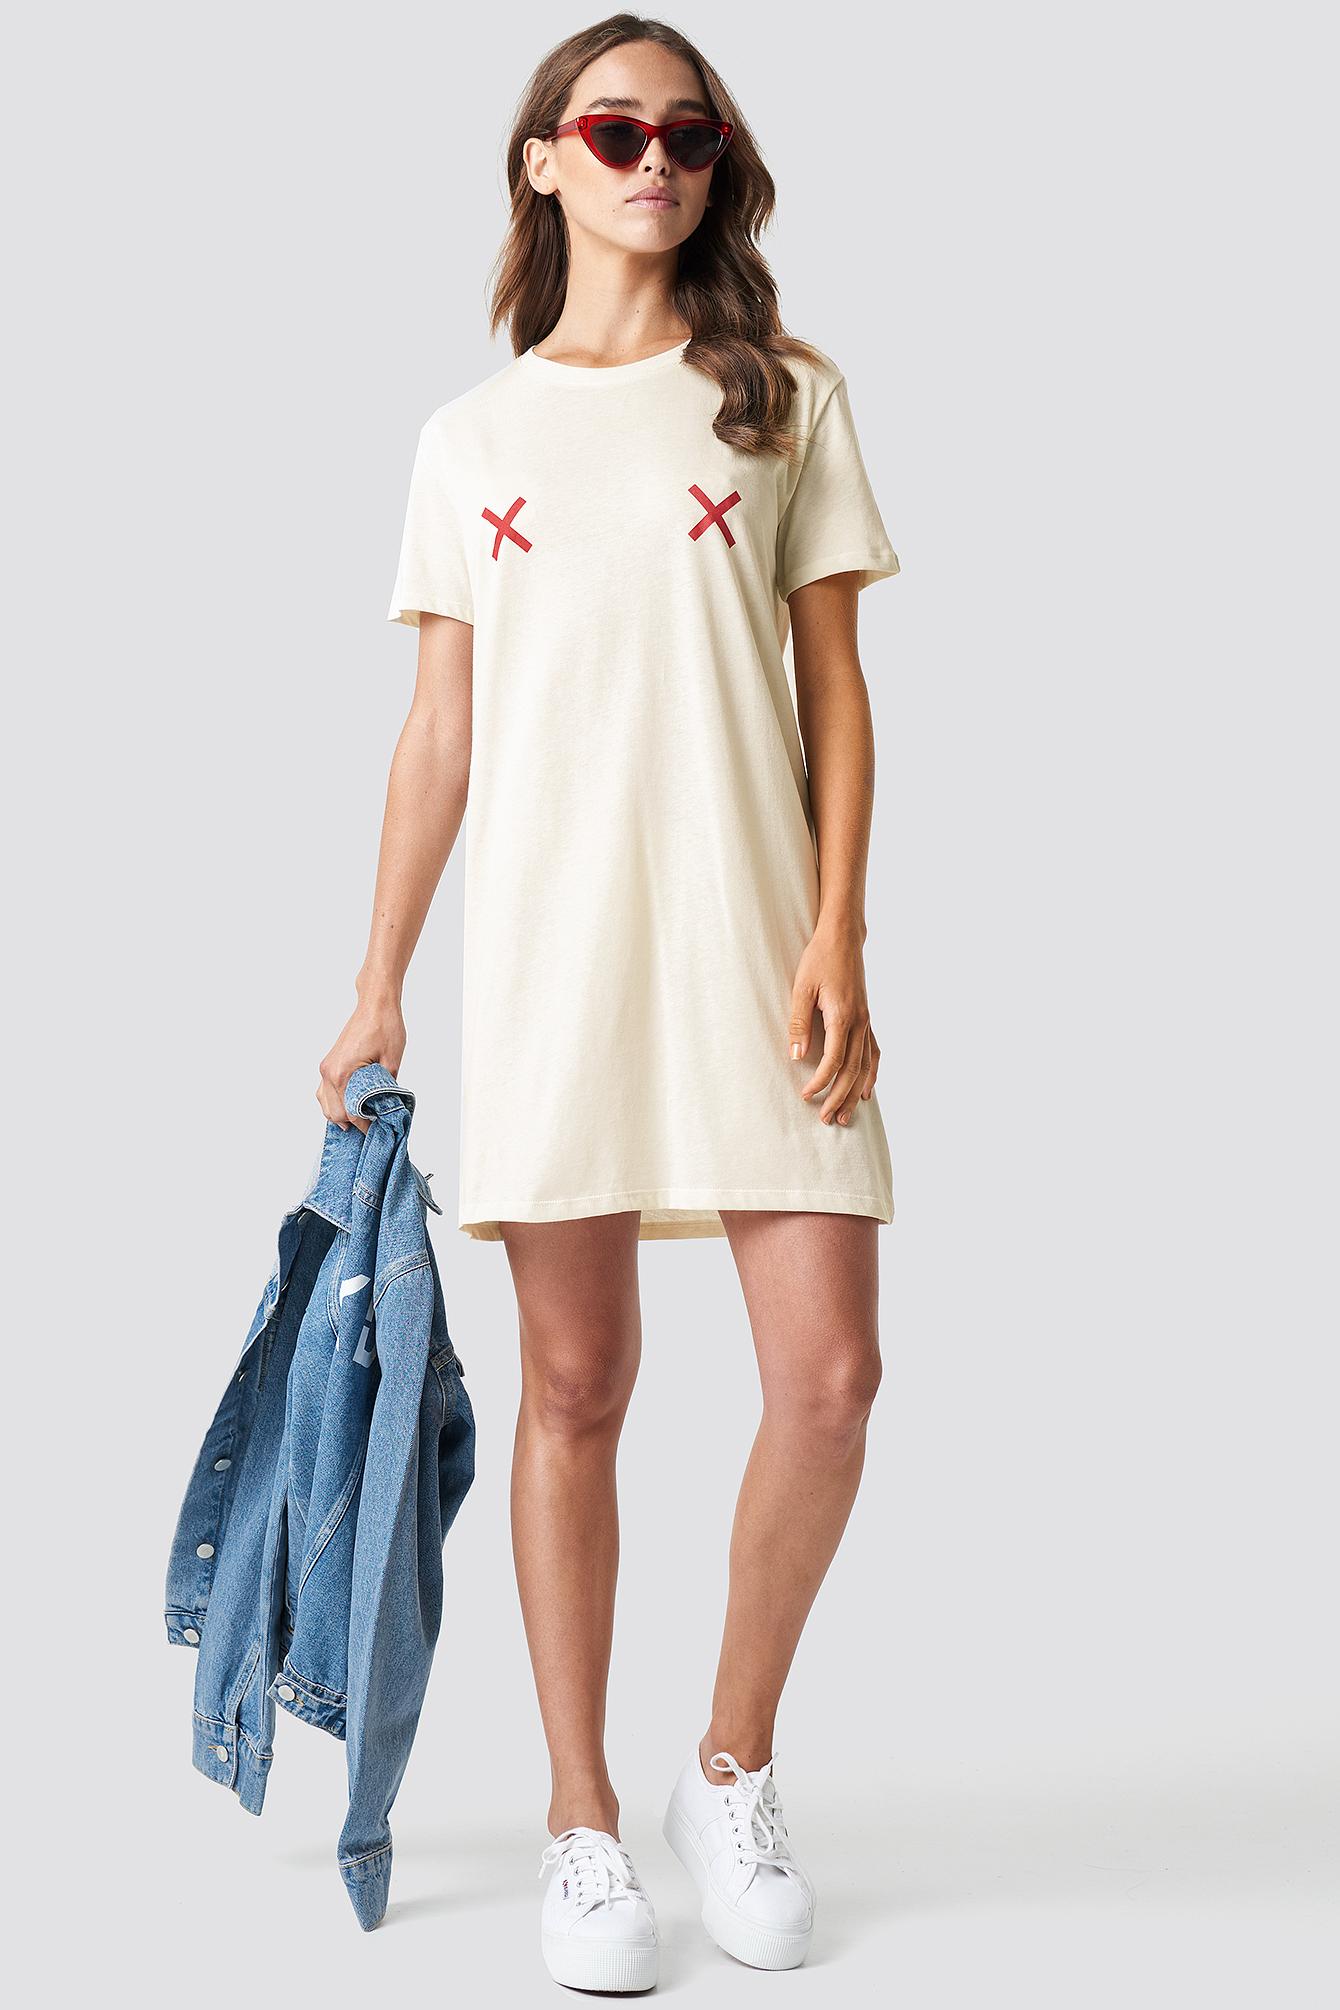 Double X T-shirt Dress NA-KD.COM